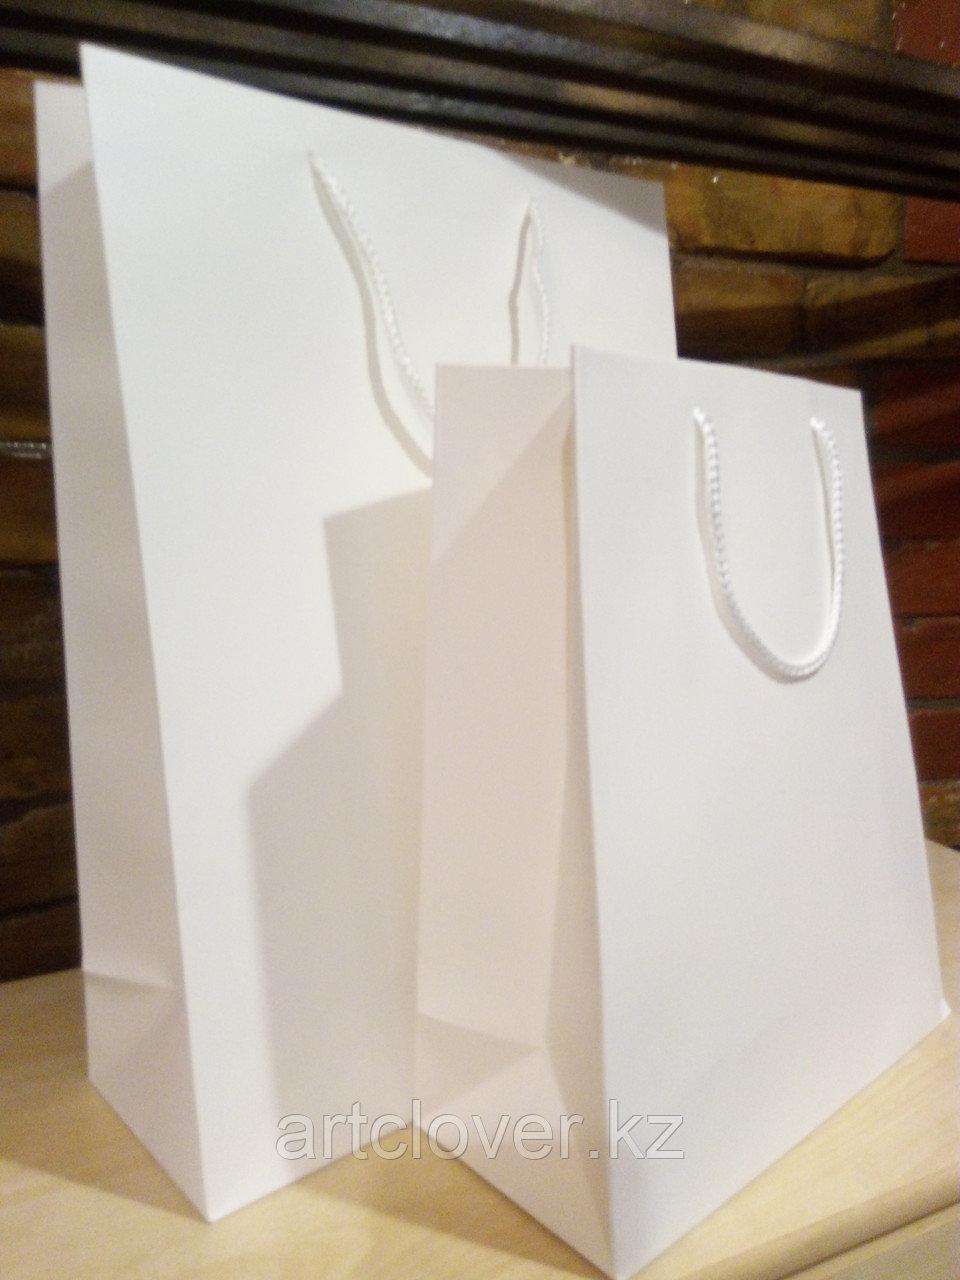 Бумажные пакеты белые А3 А4 А5 - фото 2